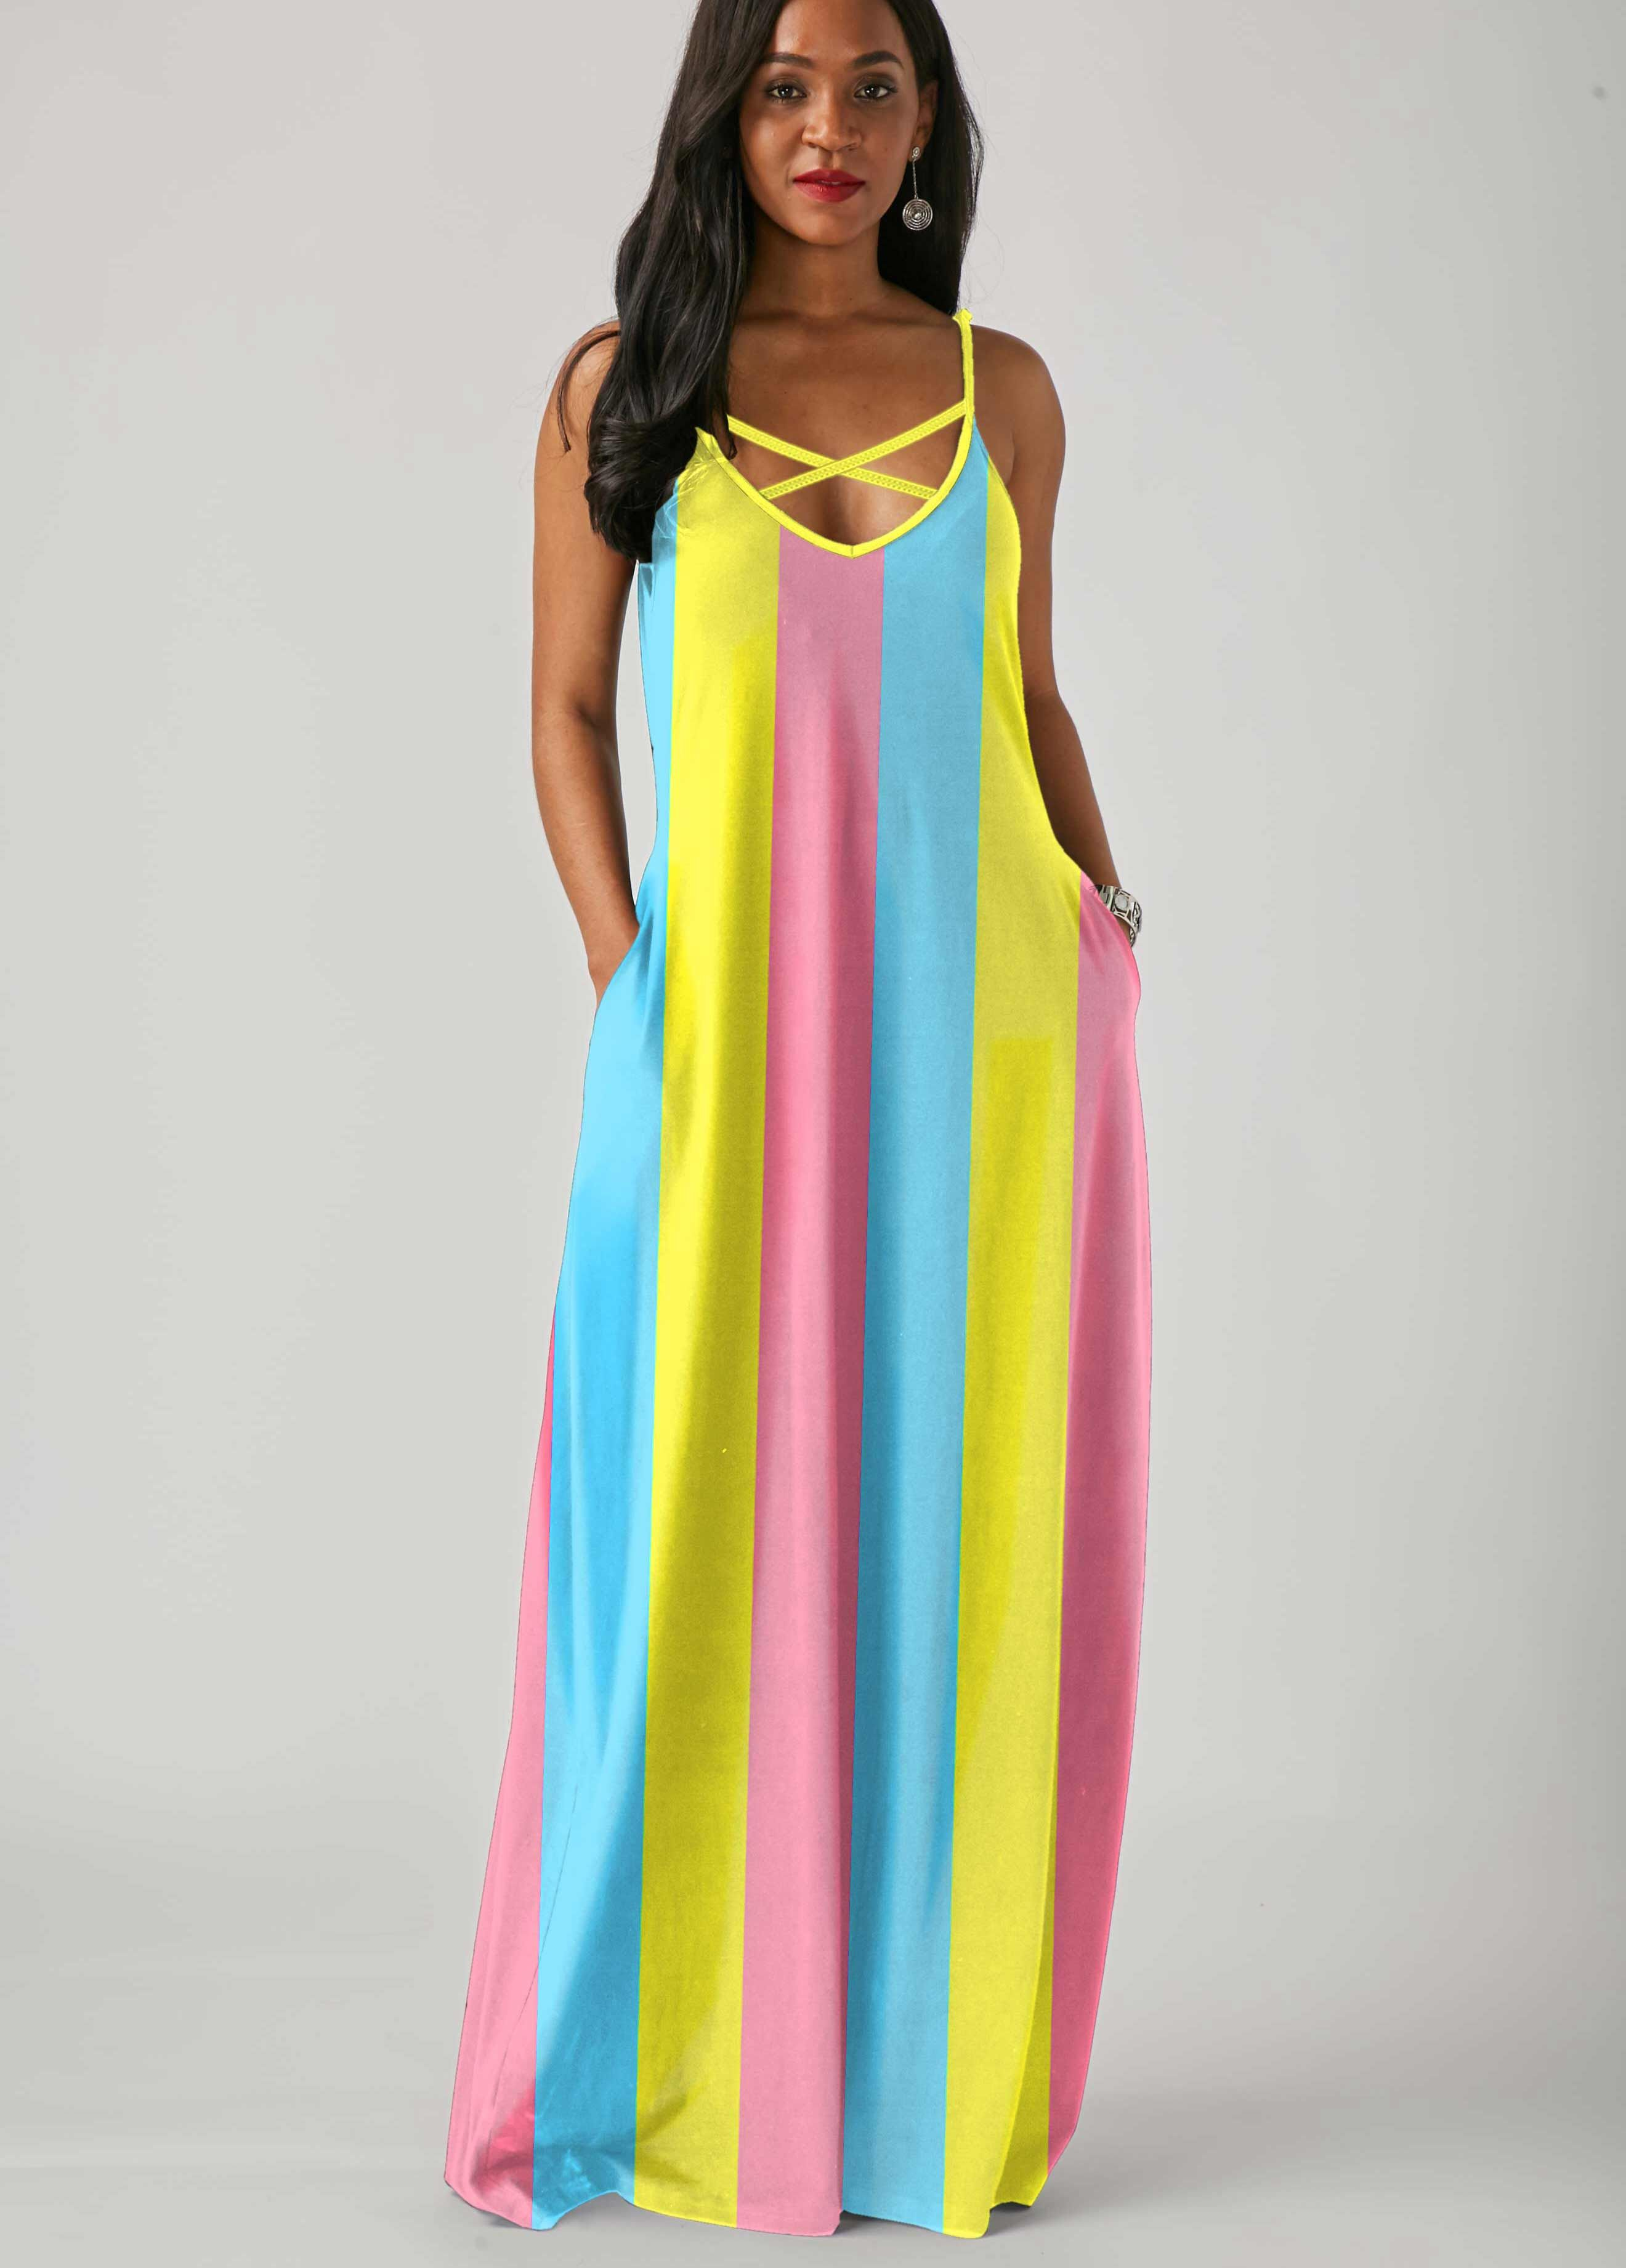 Rotita Com Usd 24 99 Maxi Dress Spaghetti Strap Maxi Dress Bohemian Casual Dress [ 3683 x 2640 Pixel ]